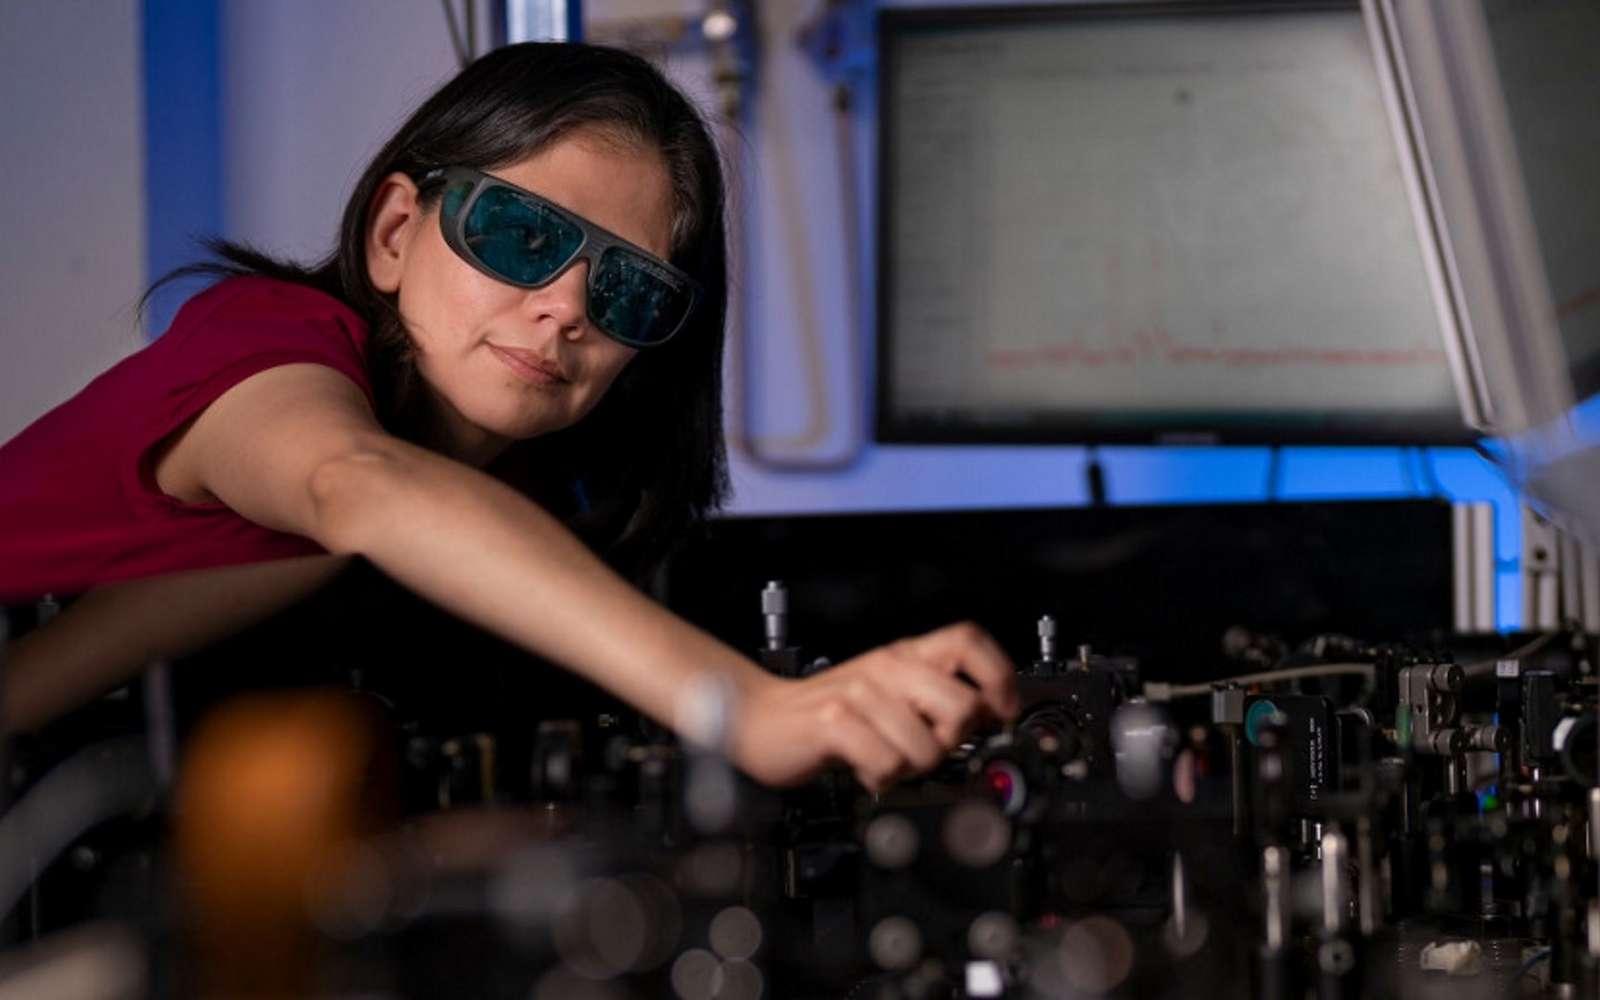 Un simple film pourrait être appliqué sur les lunettes de vue pour voir la nuit. © Jamie Kidston, The Australian National University